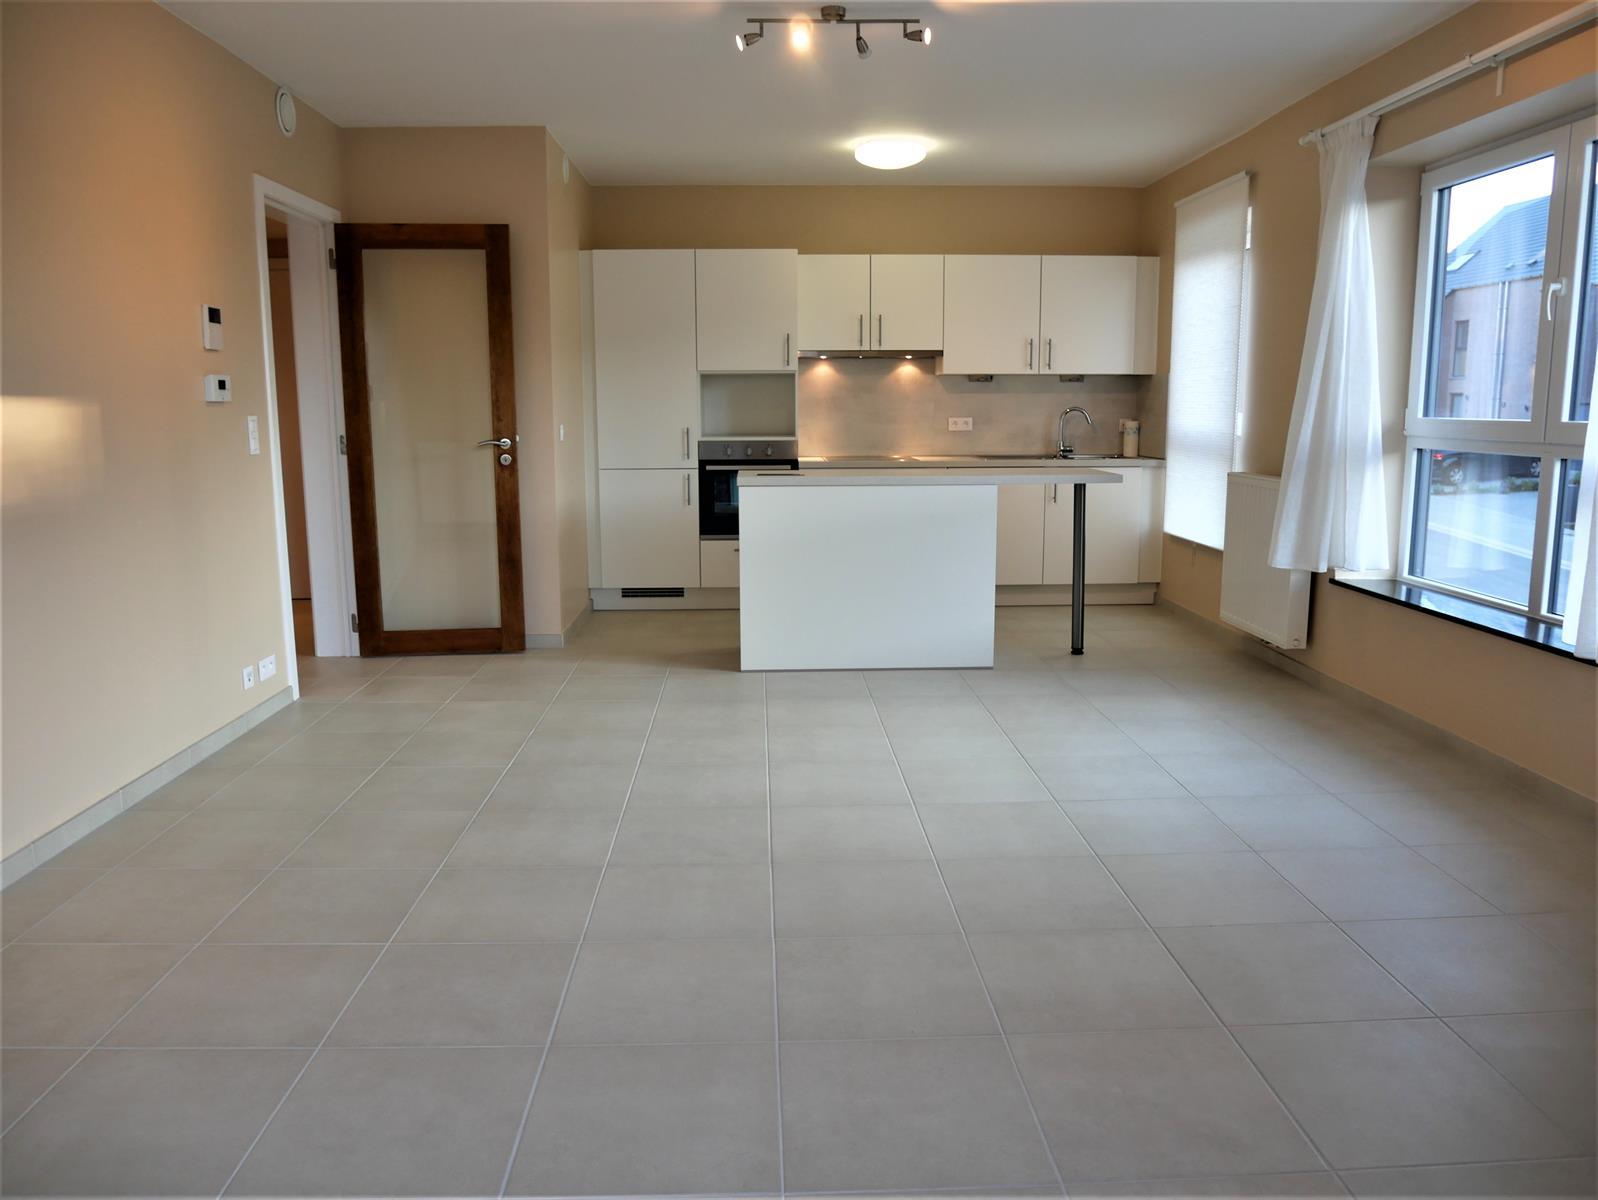 Appartement - Wavre - #4202911-3